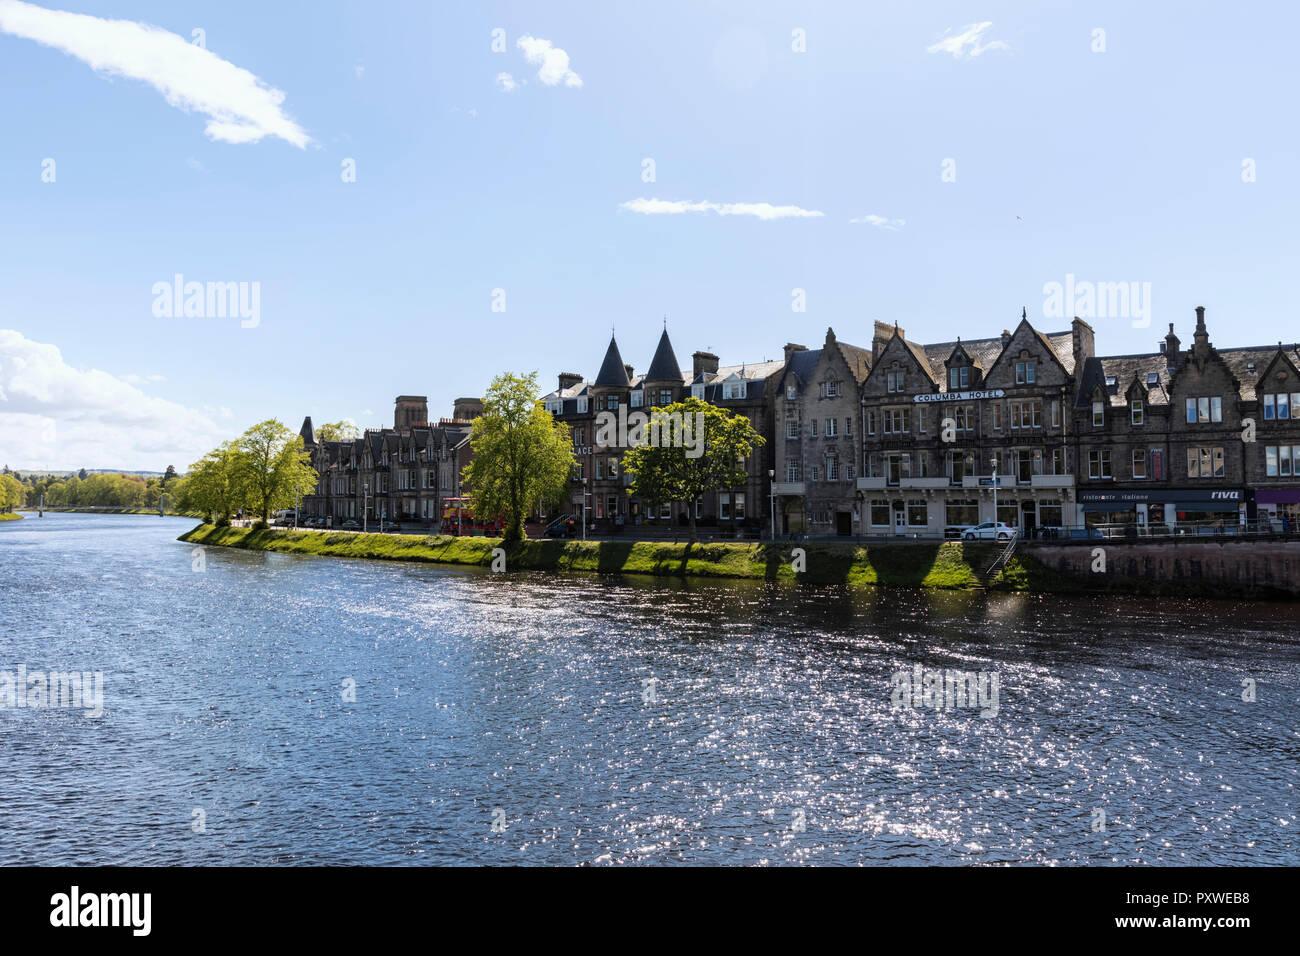 Großbritannien Schottland Inverness Häuser am Fluss